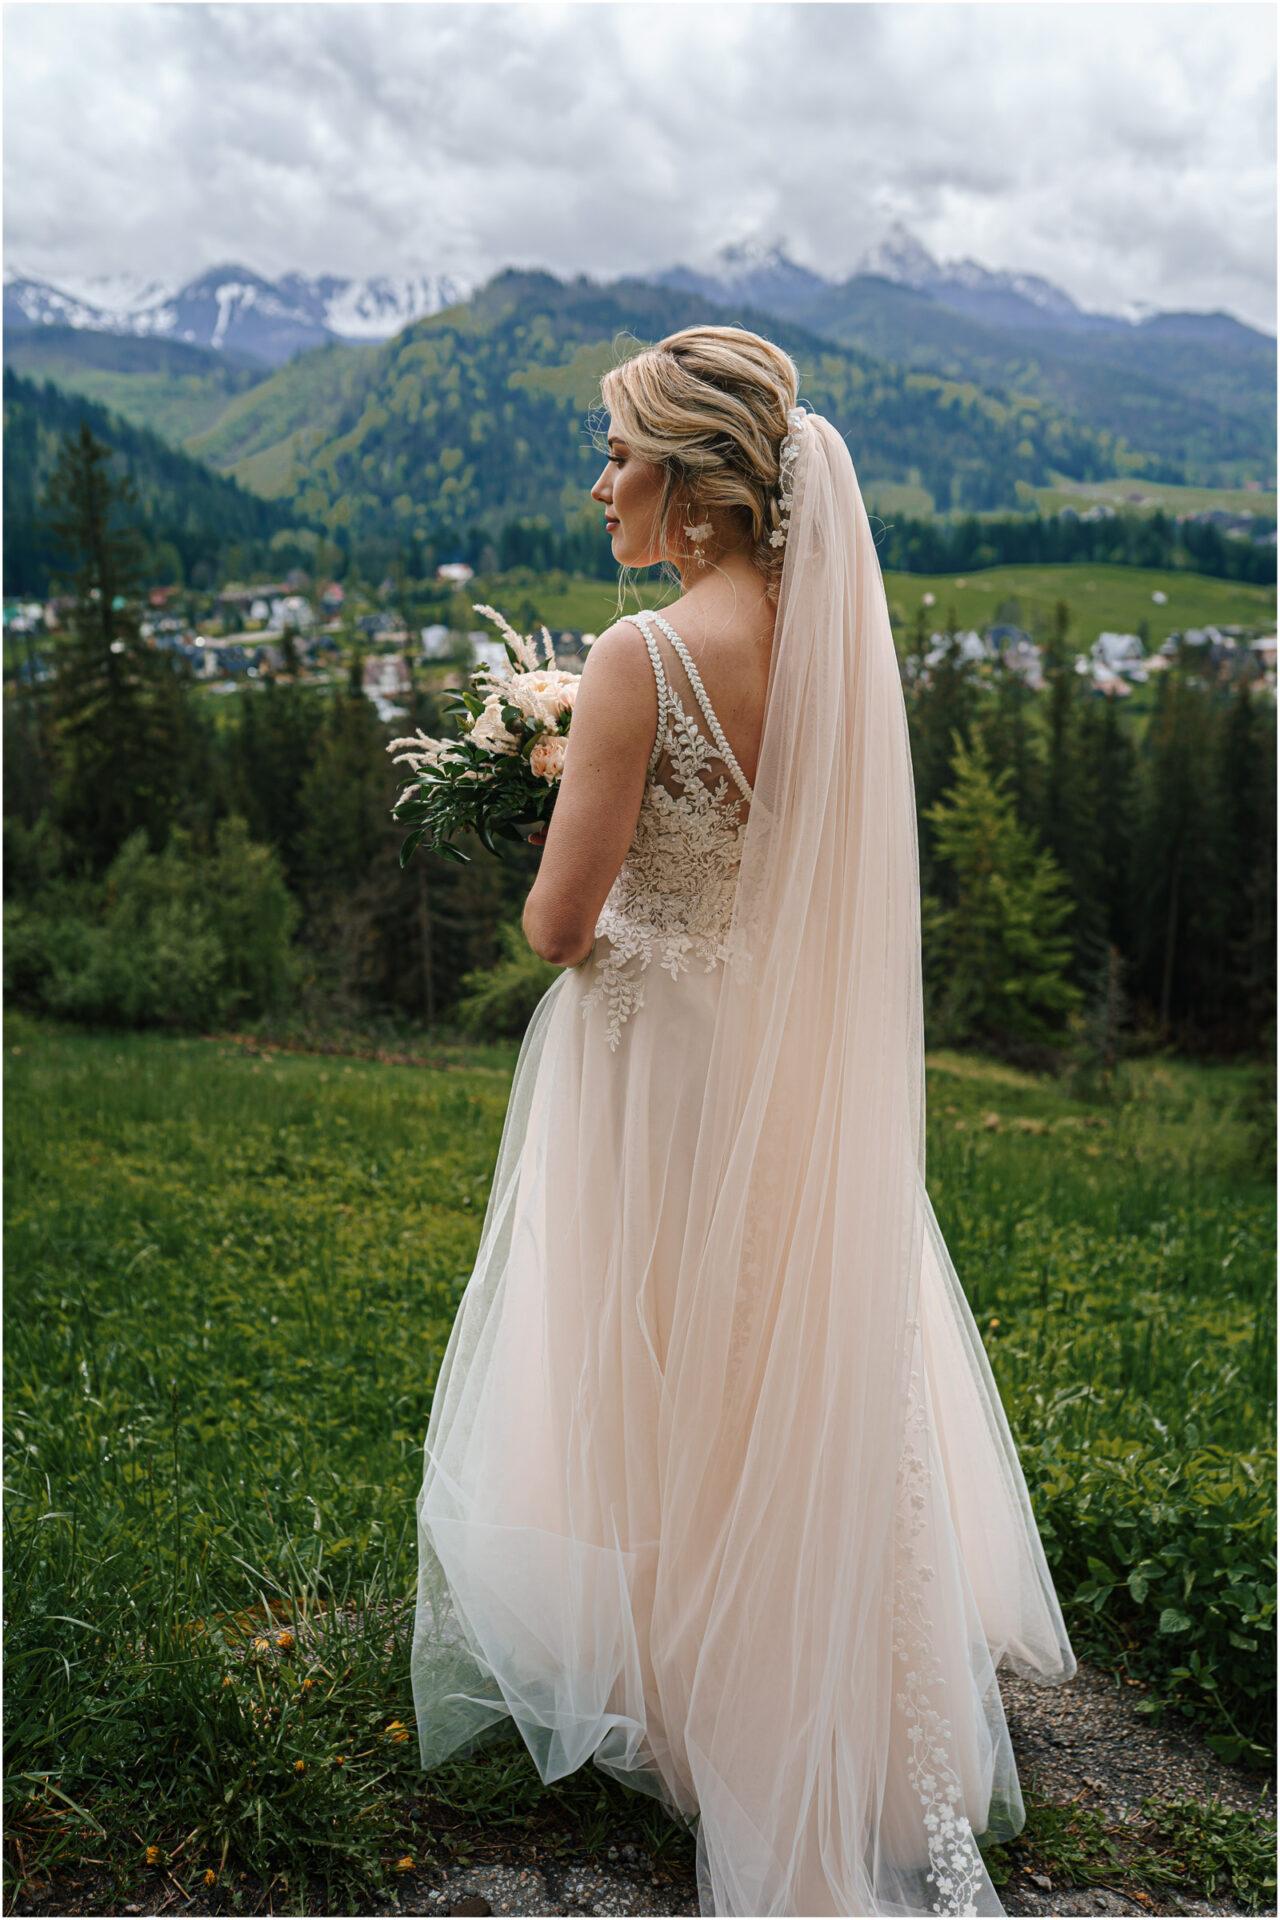 Amanda & Błażej | ślub i sesja w górach 52